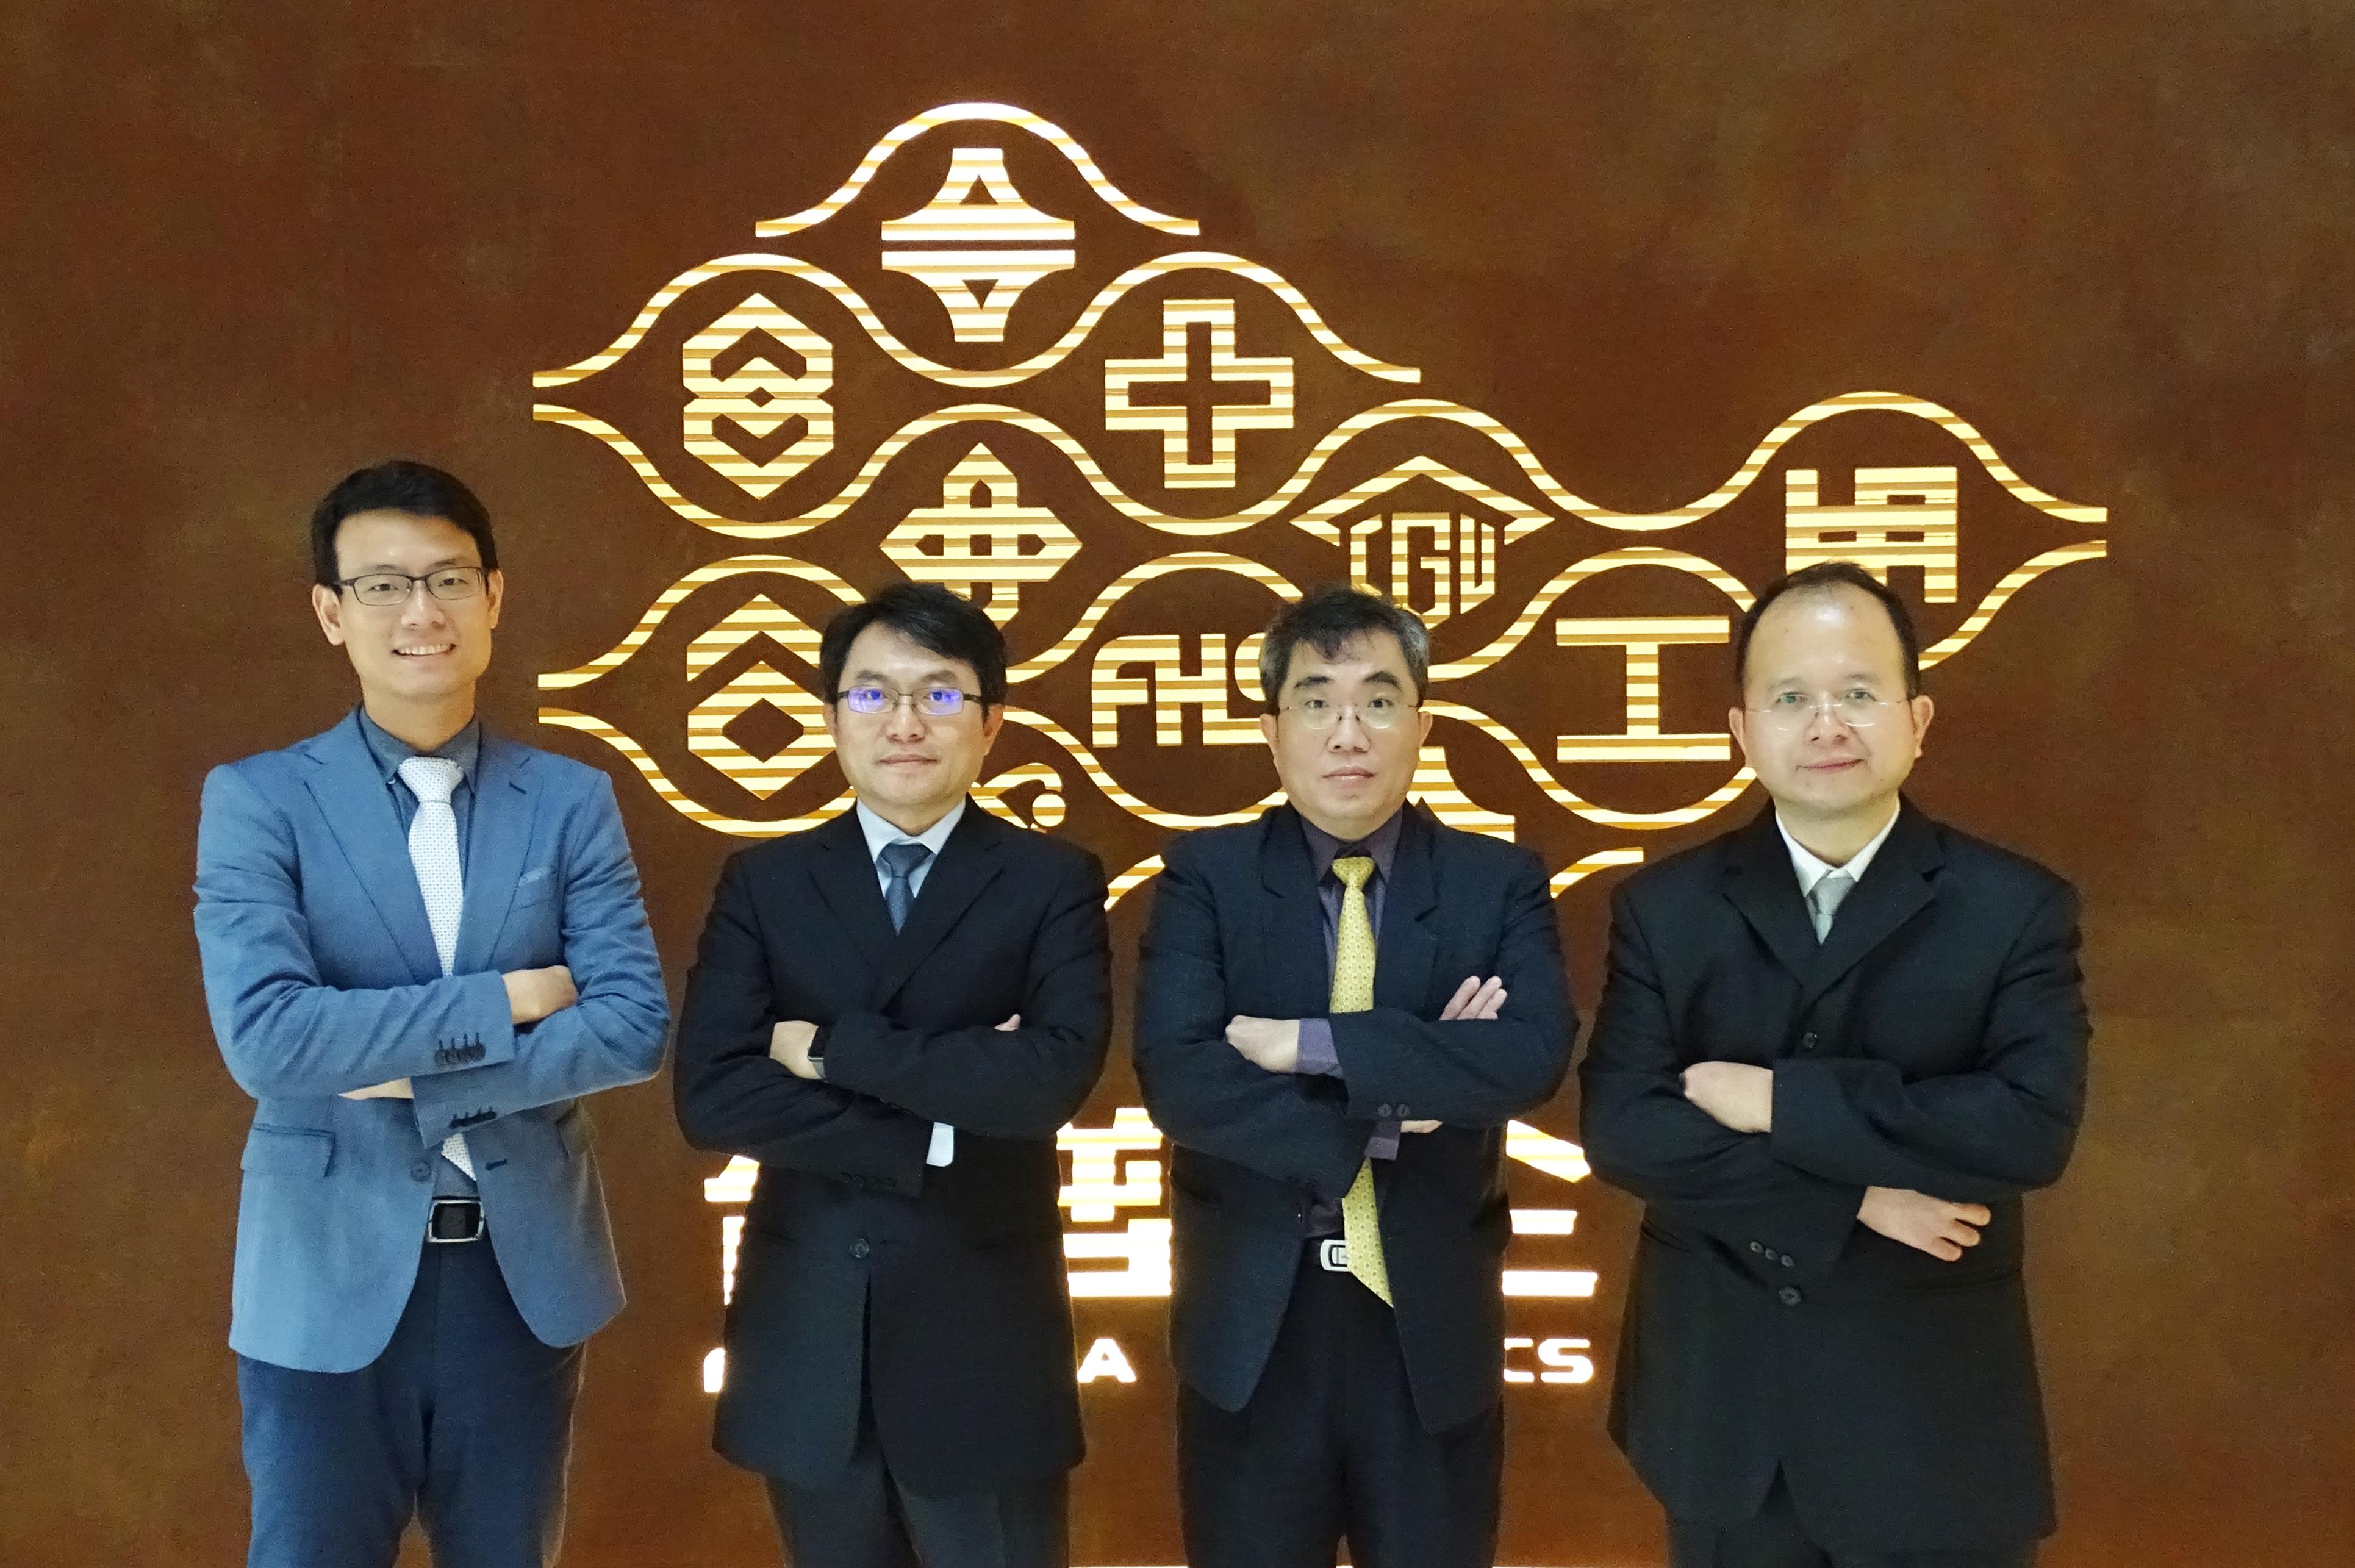 專家團隊(左起):高定一 中醫師;黃聰龍 教授;謝珮文 教授;蔡永豐 西醫師